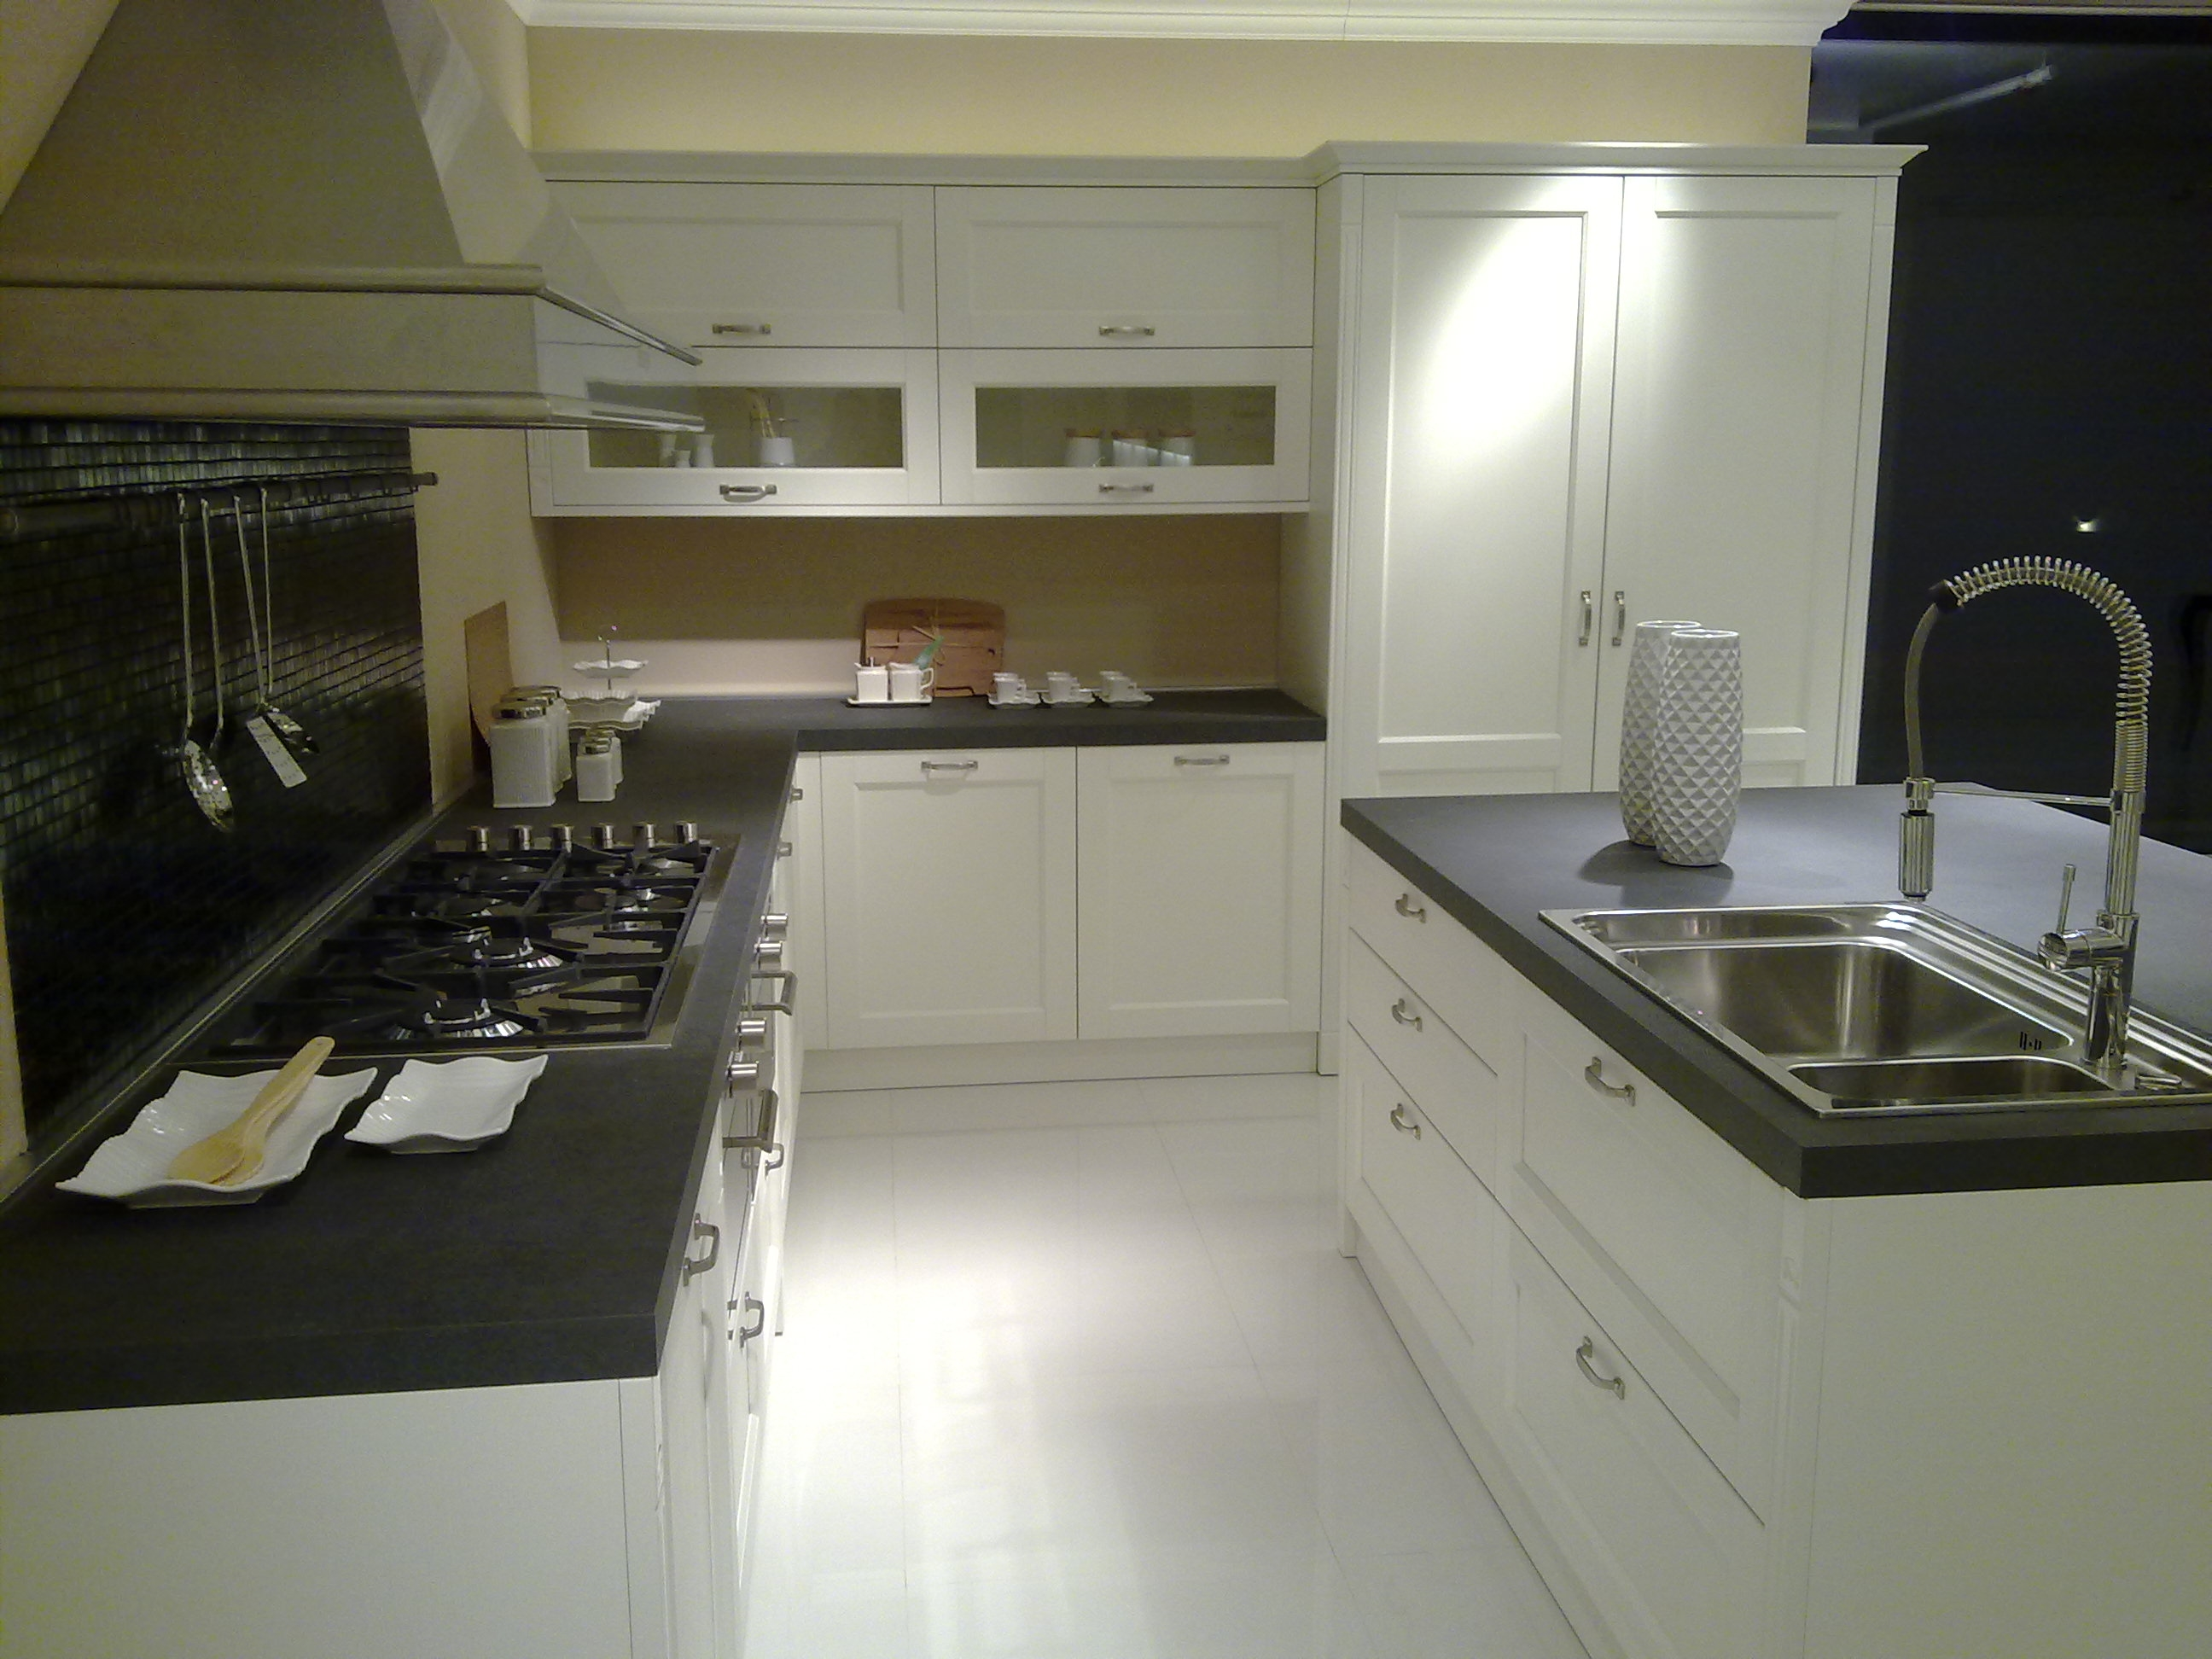 Cucina veneta cucine outlet 20020 cucine a prezzi scontati for Cucine di design outlet